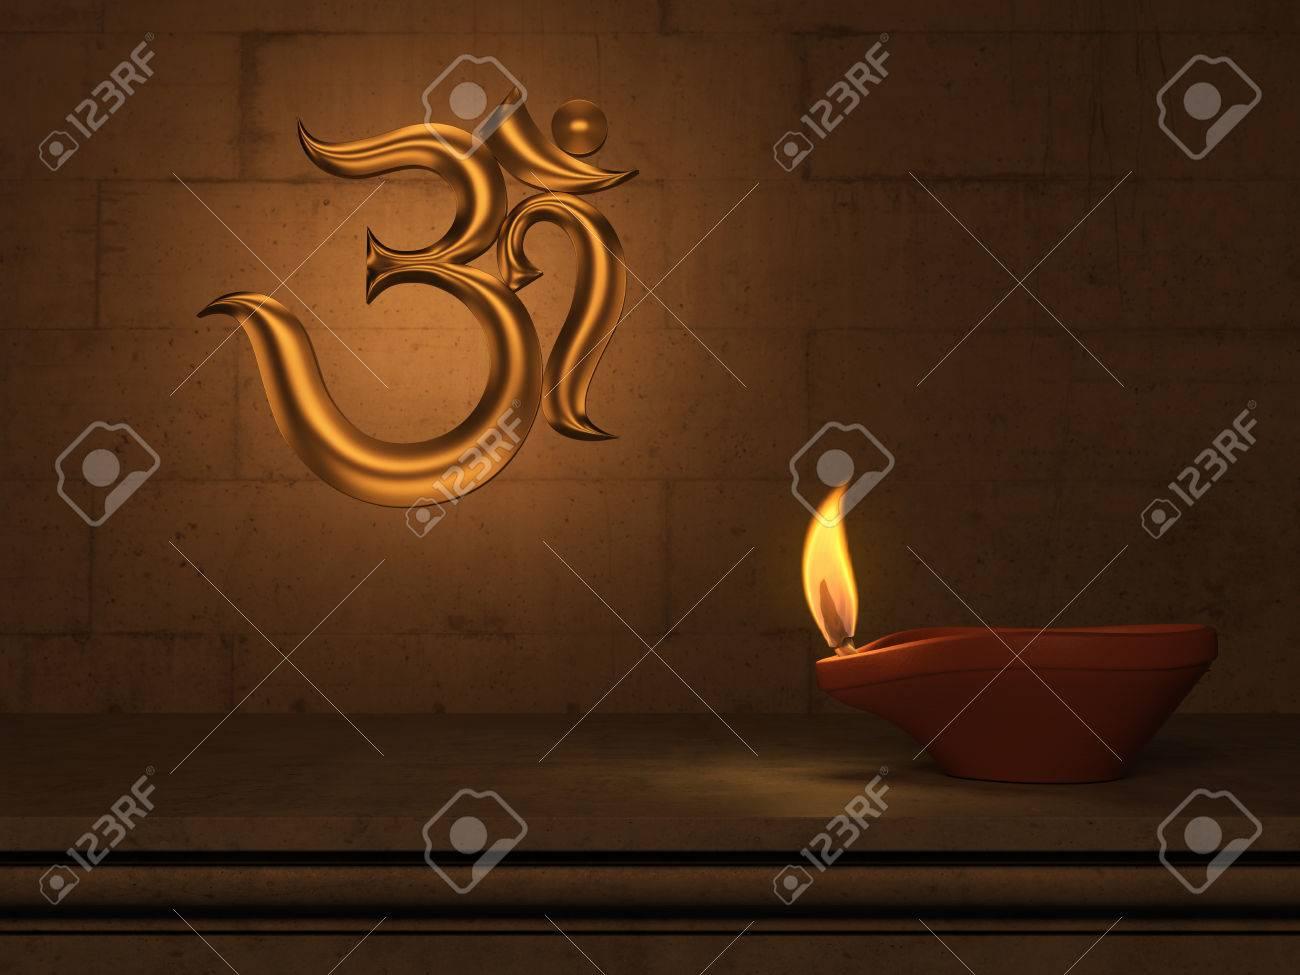 Lampe A Huile Traditionnelle Indienne Avec Symbole Om Banque D